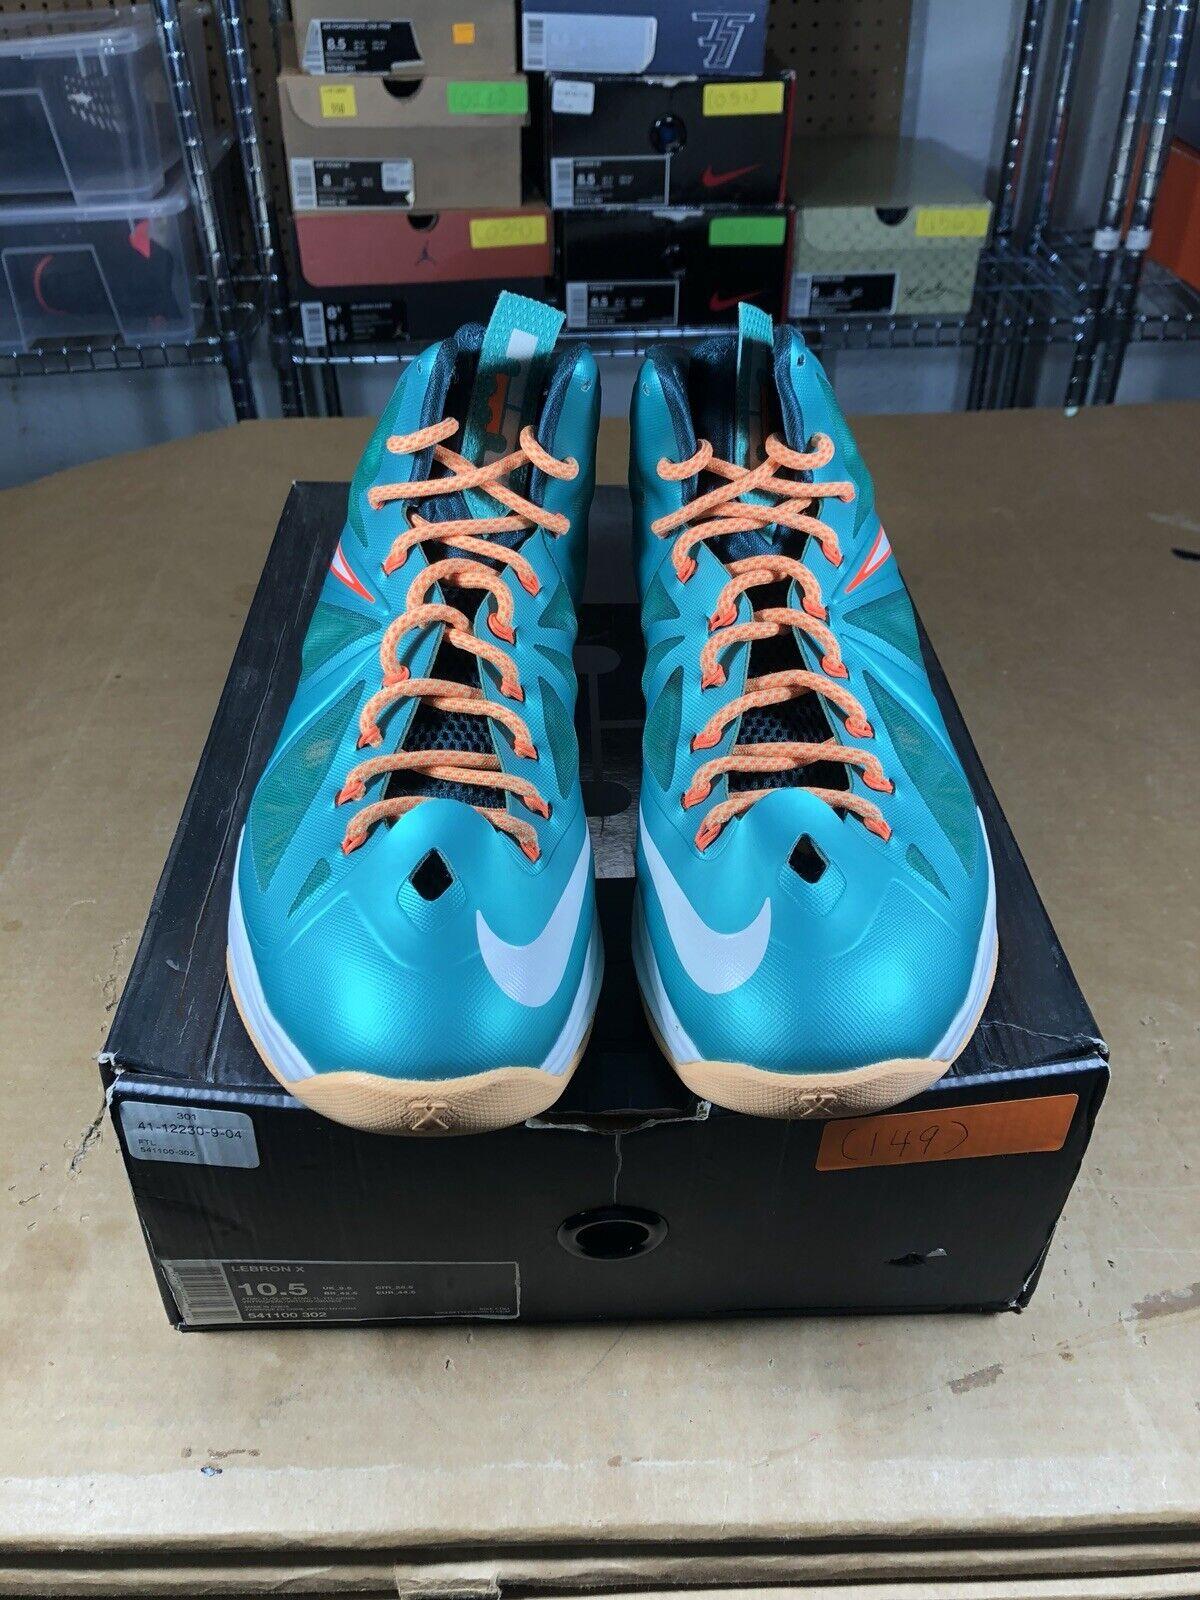 100% Authentic Nike Lebron 10 Setting Size 10.5 541100 302